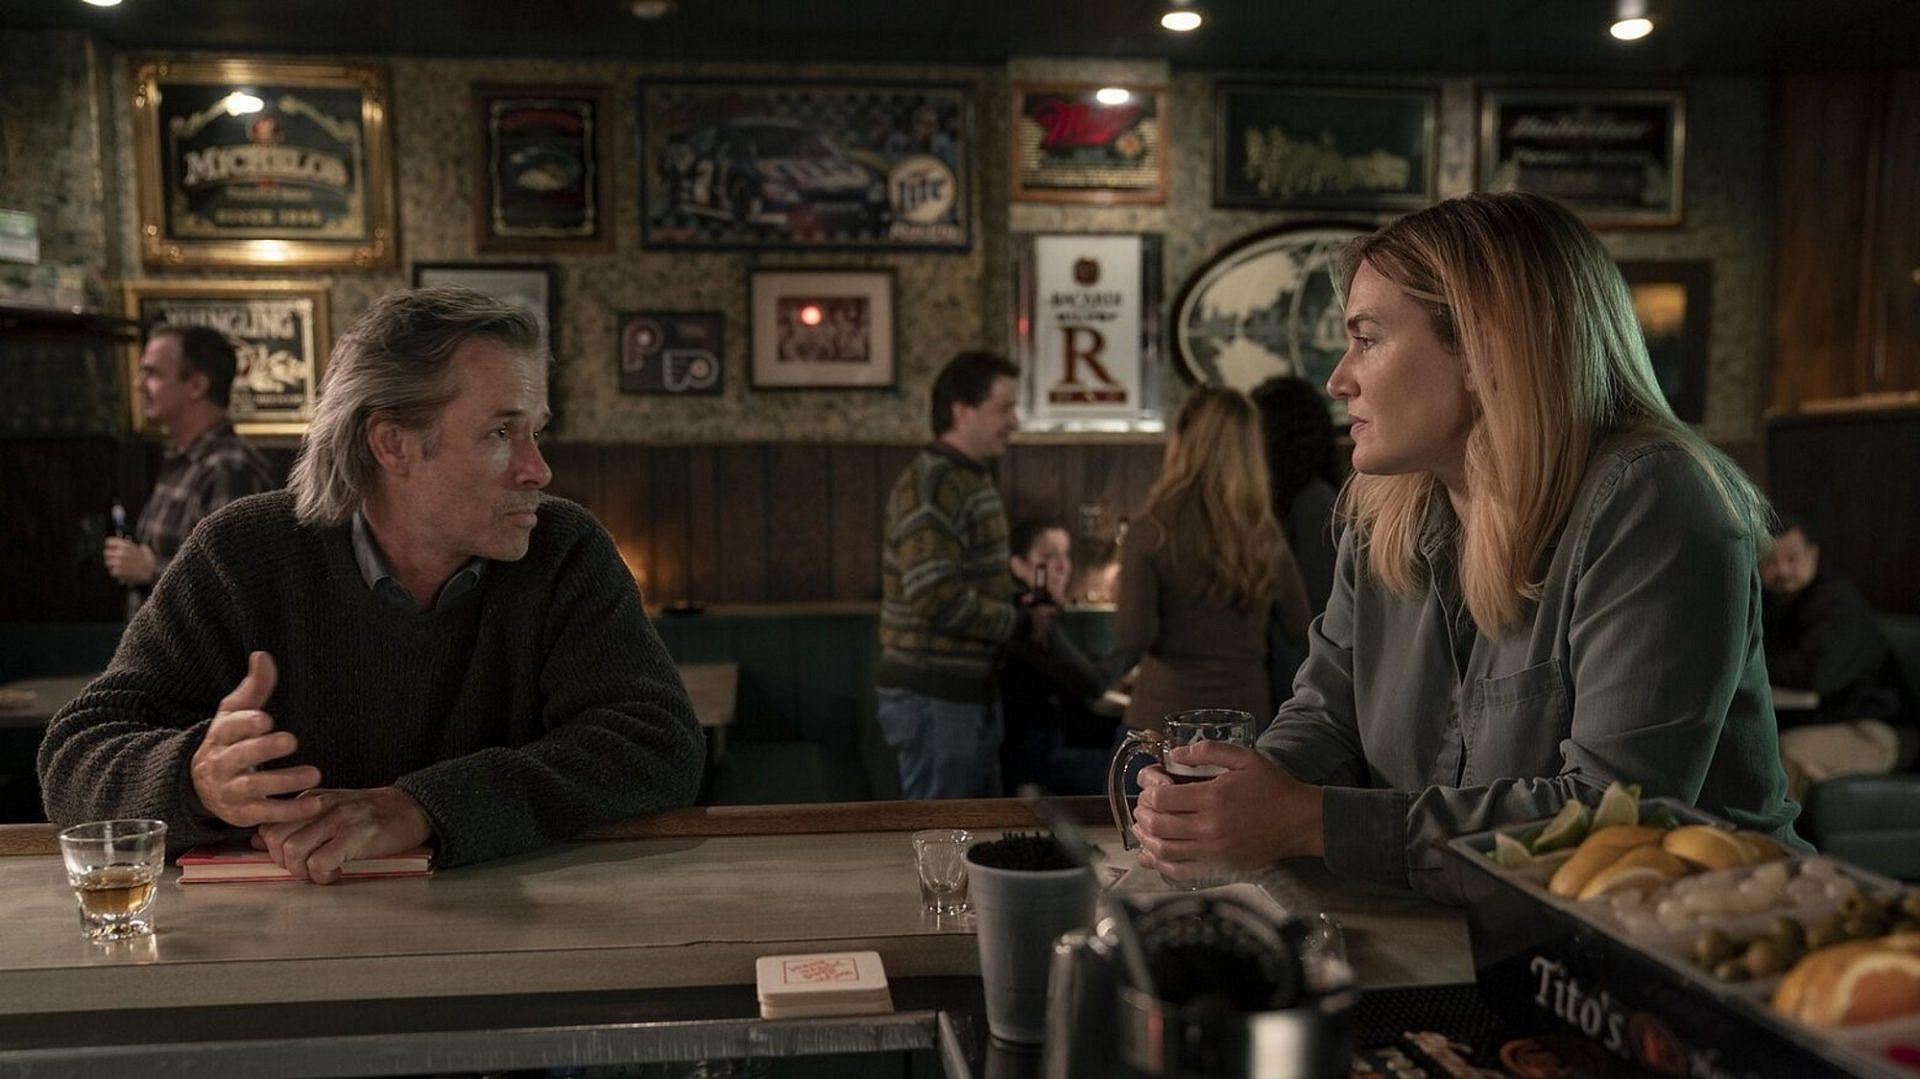 """יותר משחק ממה שתקבלו בכל שאר הטלוויזיה השנה. קייט ווינסלט ב""""הסודות של איסטאון"""" (צילום: HBO)"""